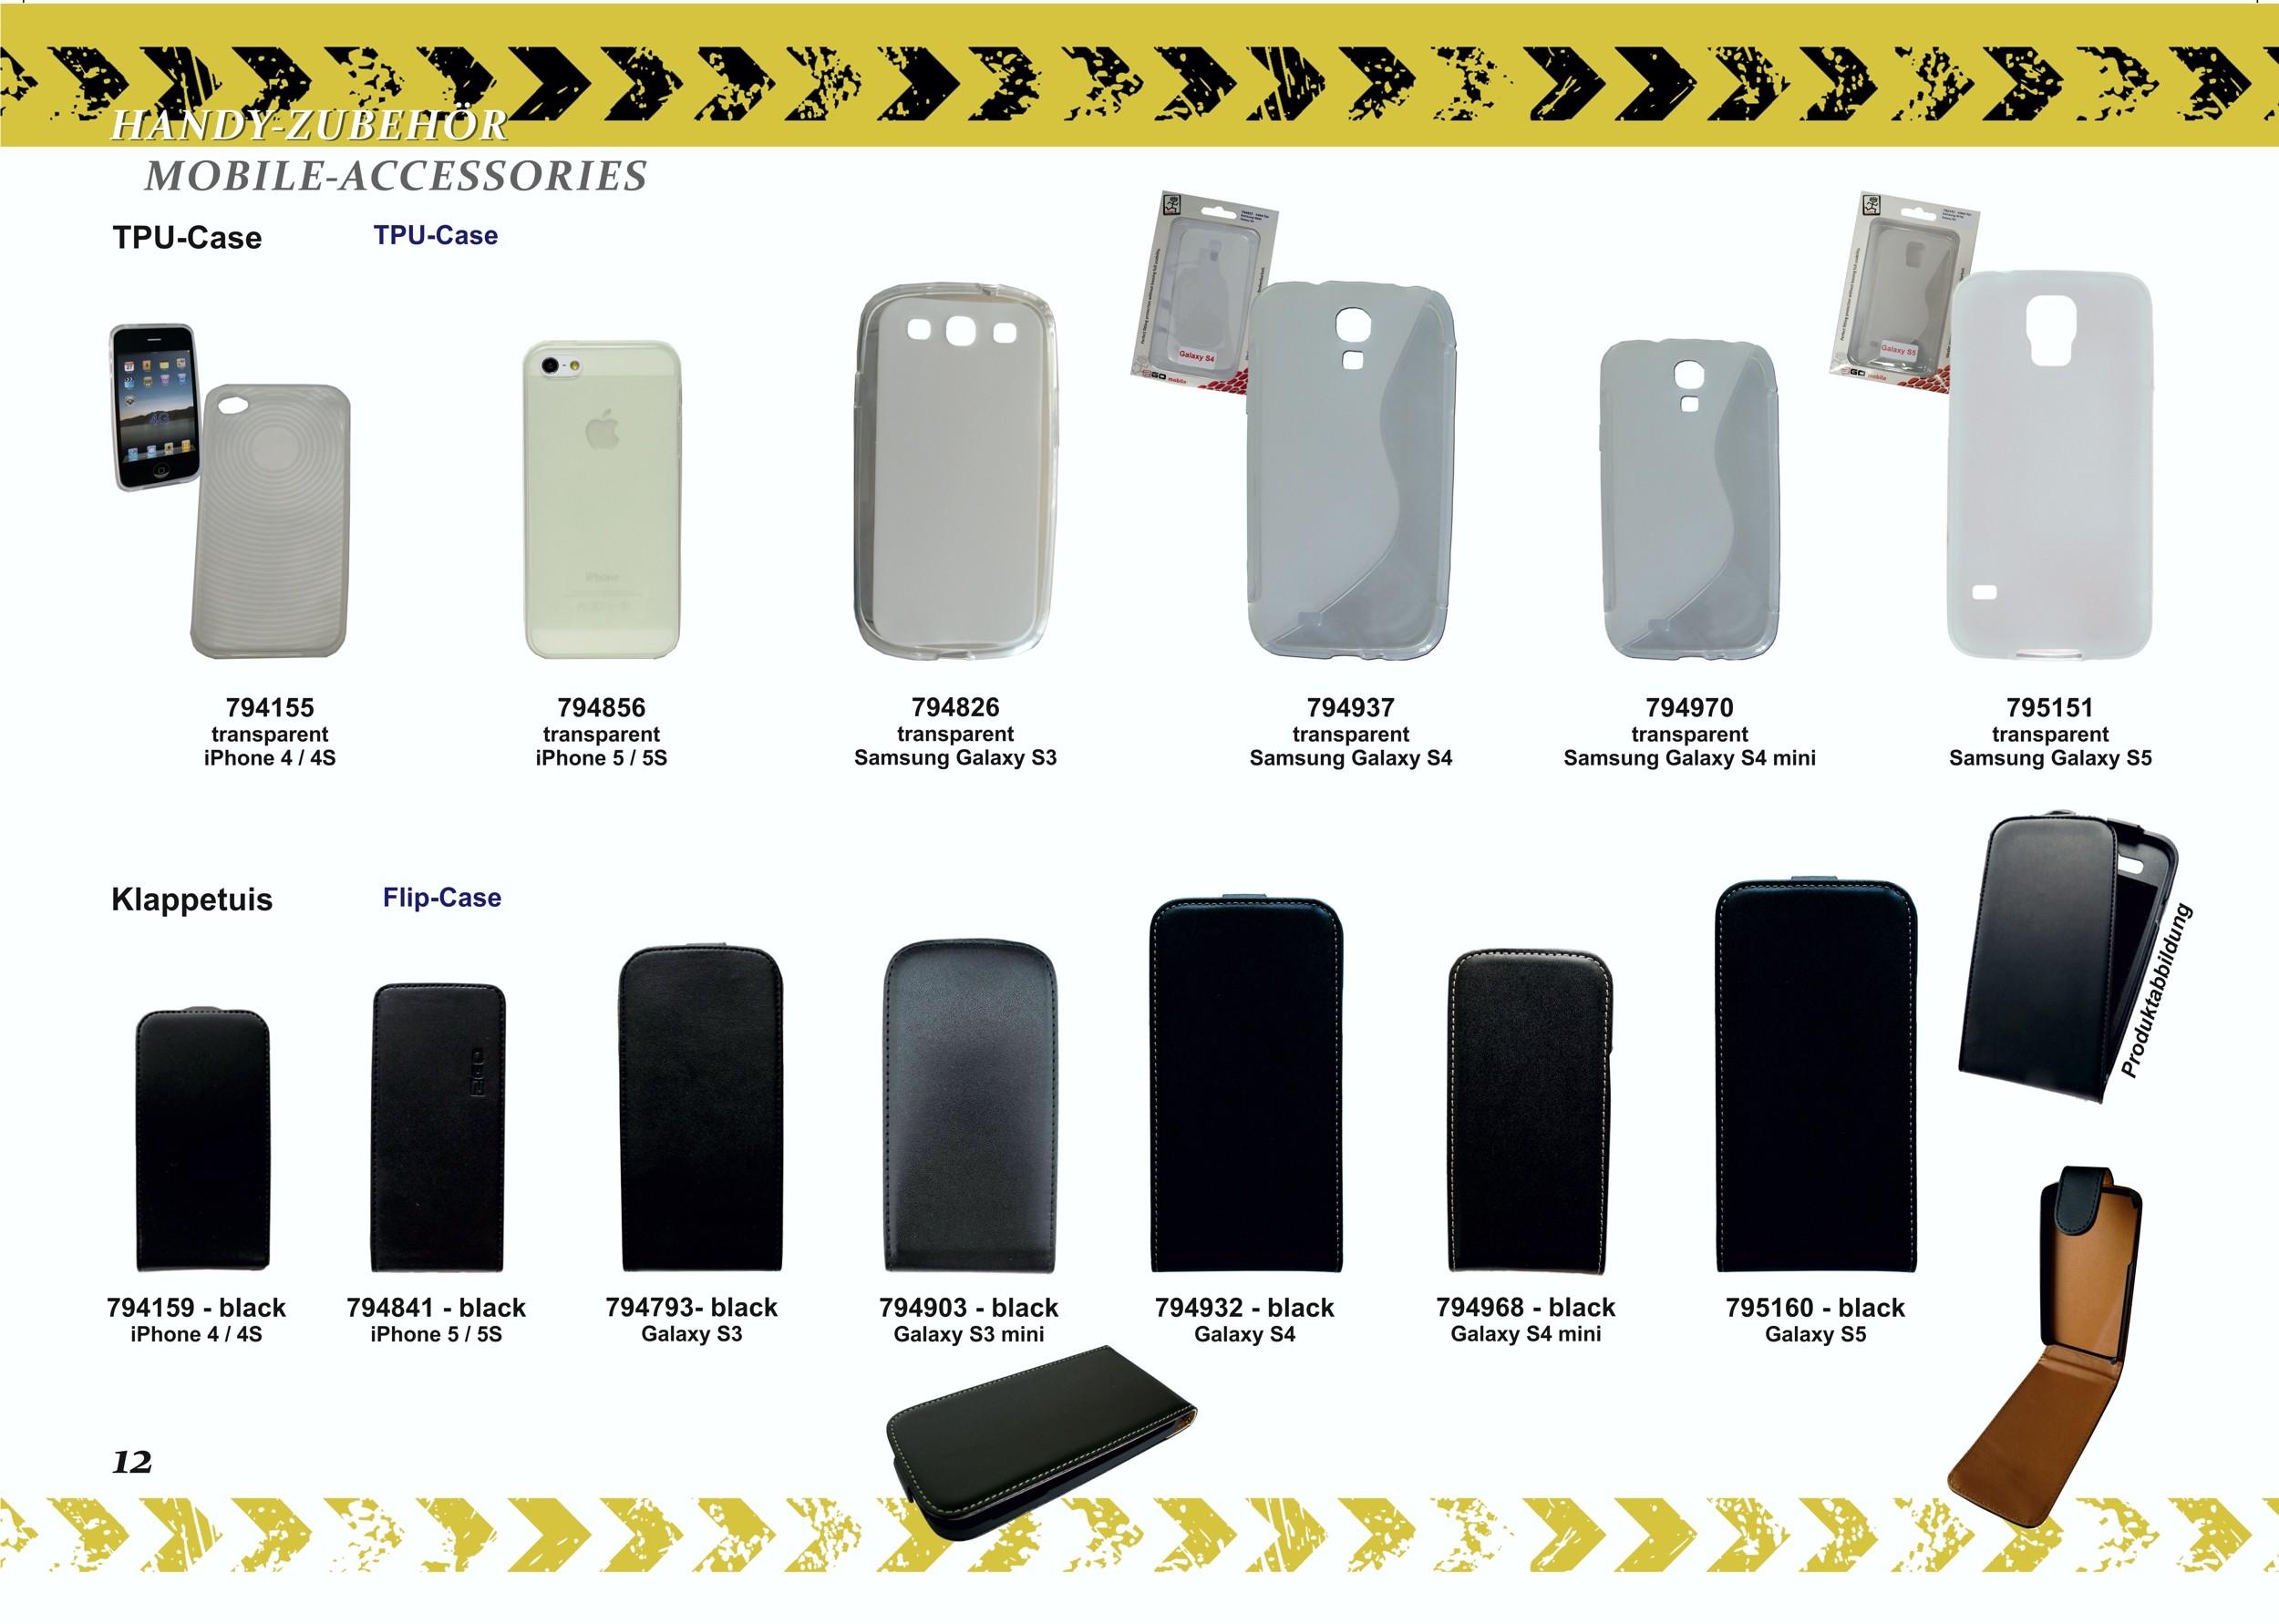 2GO Klappetui Samsung Galaxy S5 schwarz – Bild 6